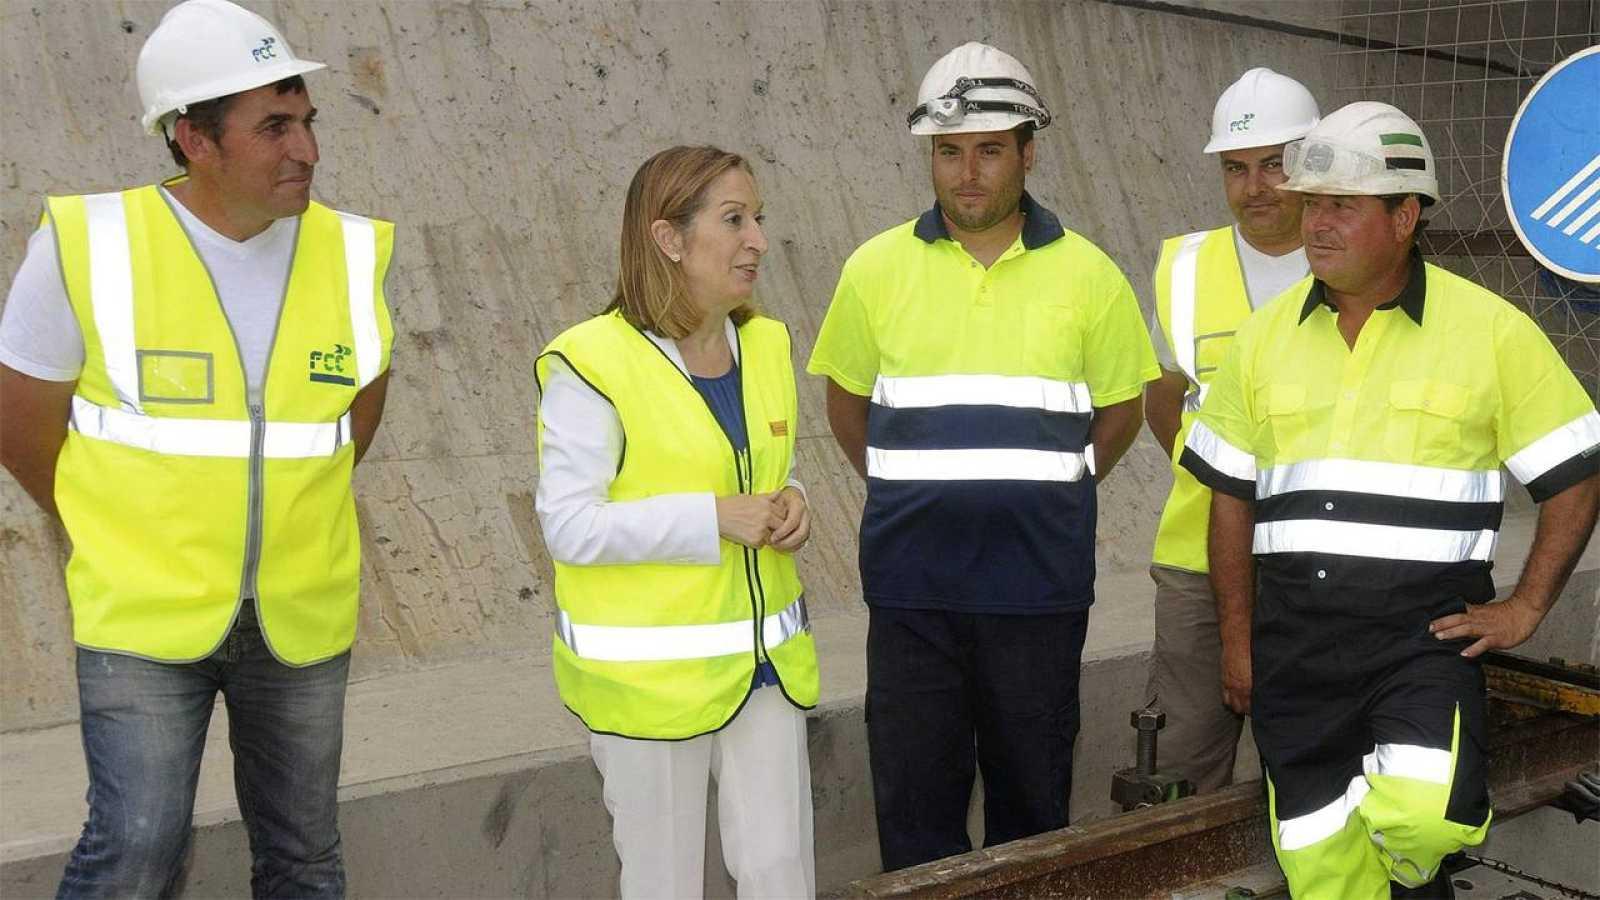 La ministra de Fomento, Ana Pastor, visita las obras del tramo de la Variante de Pajares en la línea de Alta Velocidad que une Valladolid y Asturias.